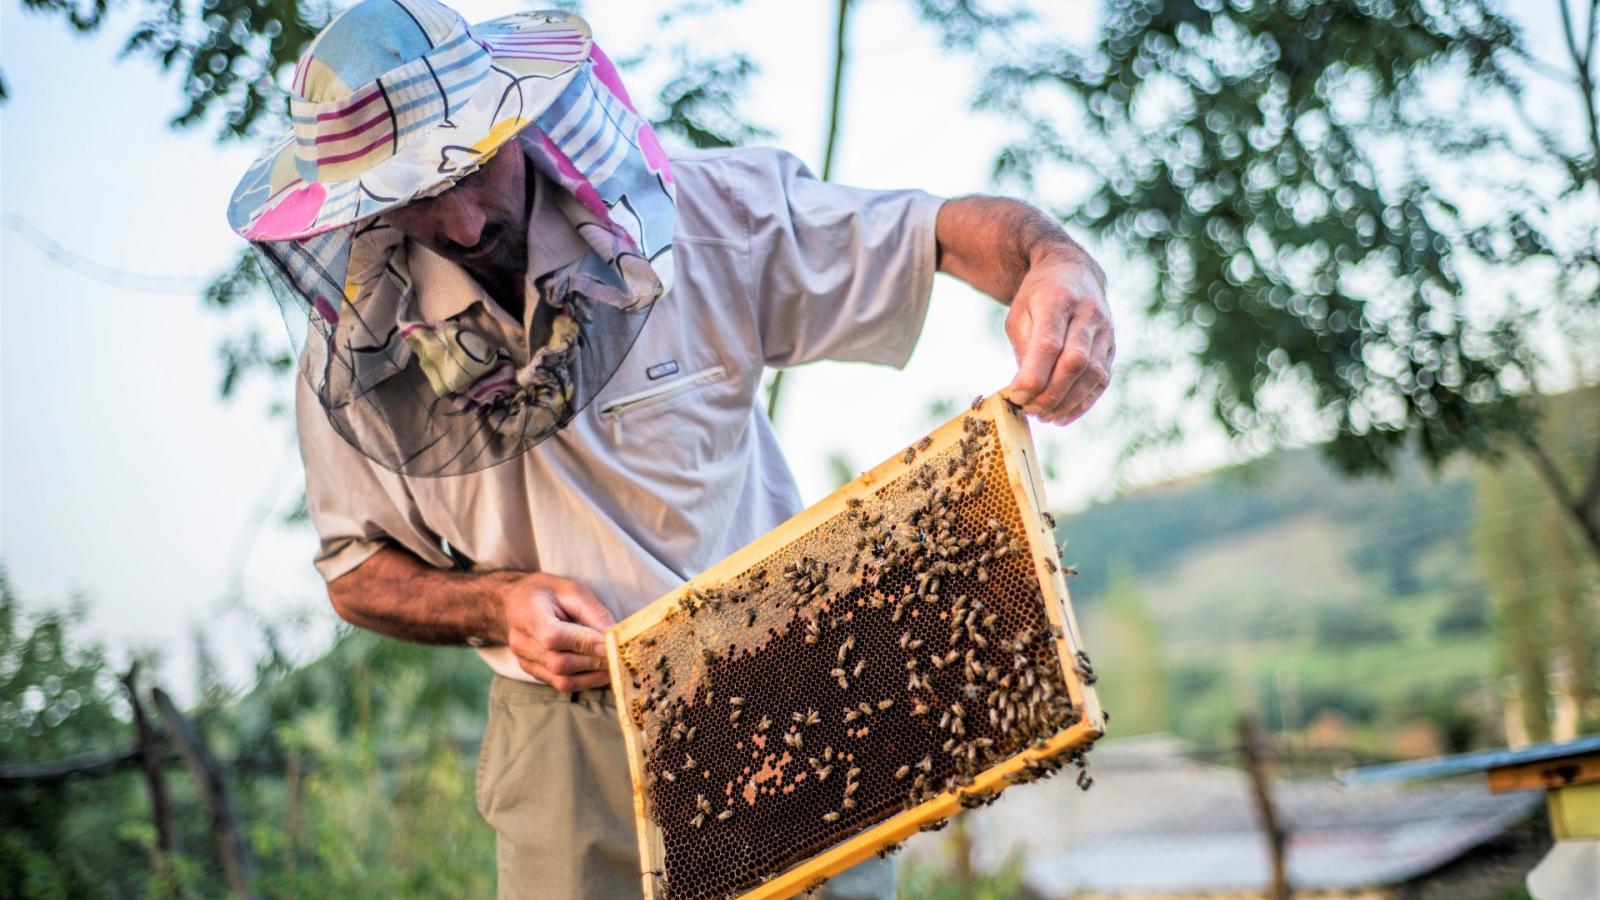 Méz a kulcsa mindennek - az apiterápiáról - Napidoktor